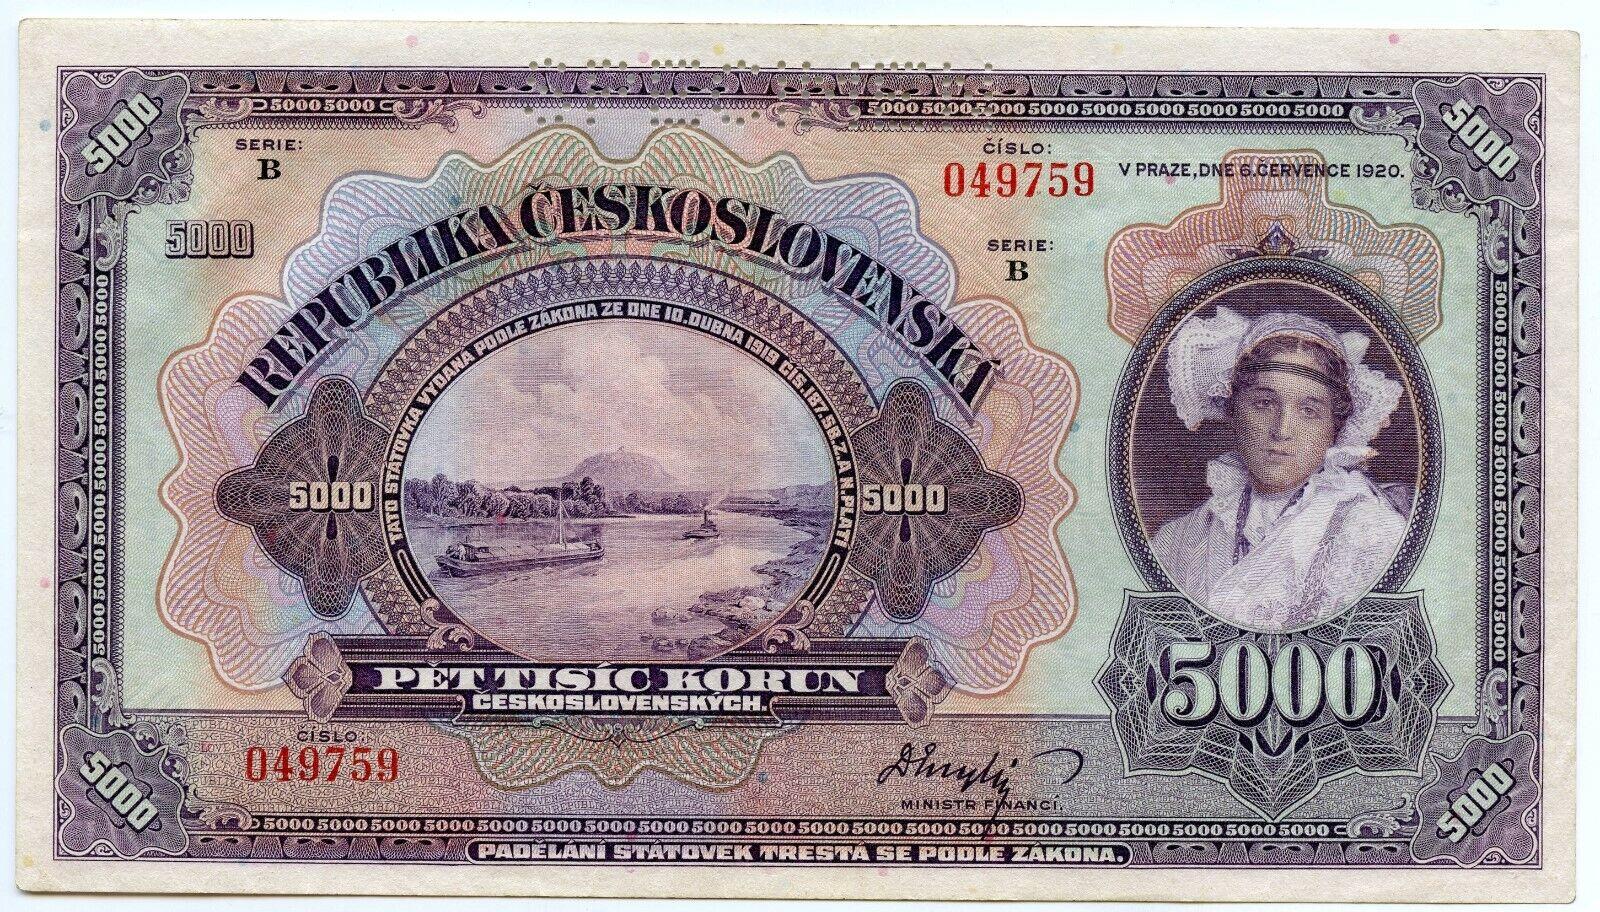 RARE Czechoslovakia 5000 Korun SPECIMEN 1920 P-19s UNC - $112.50